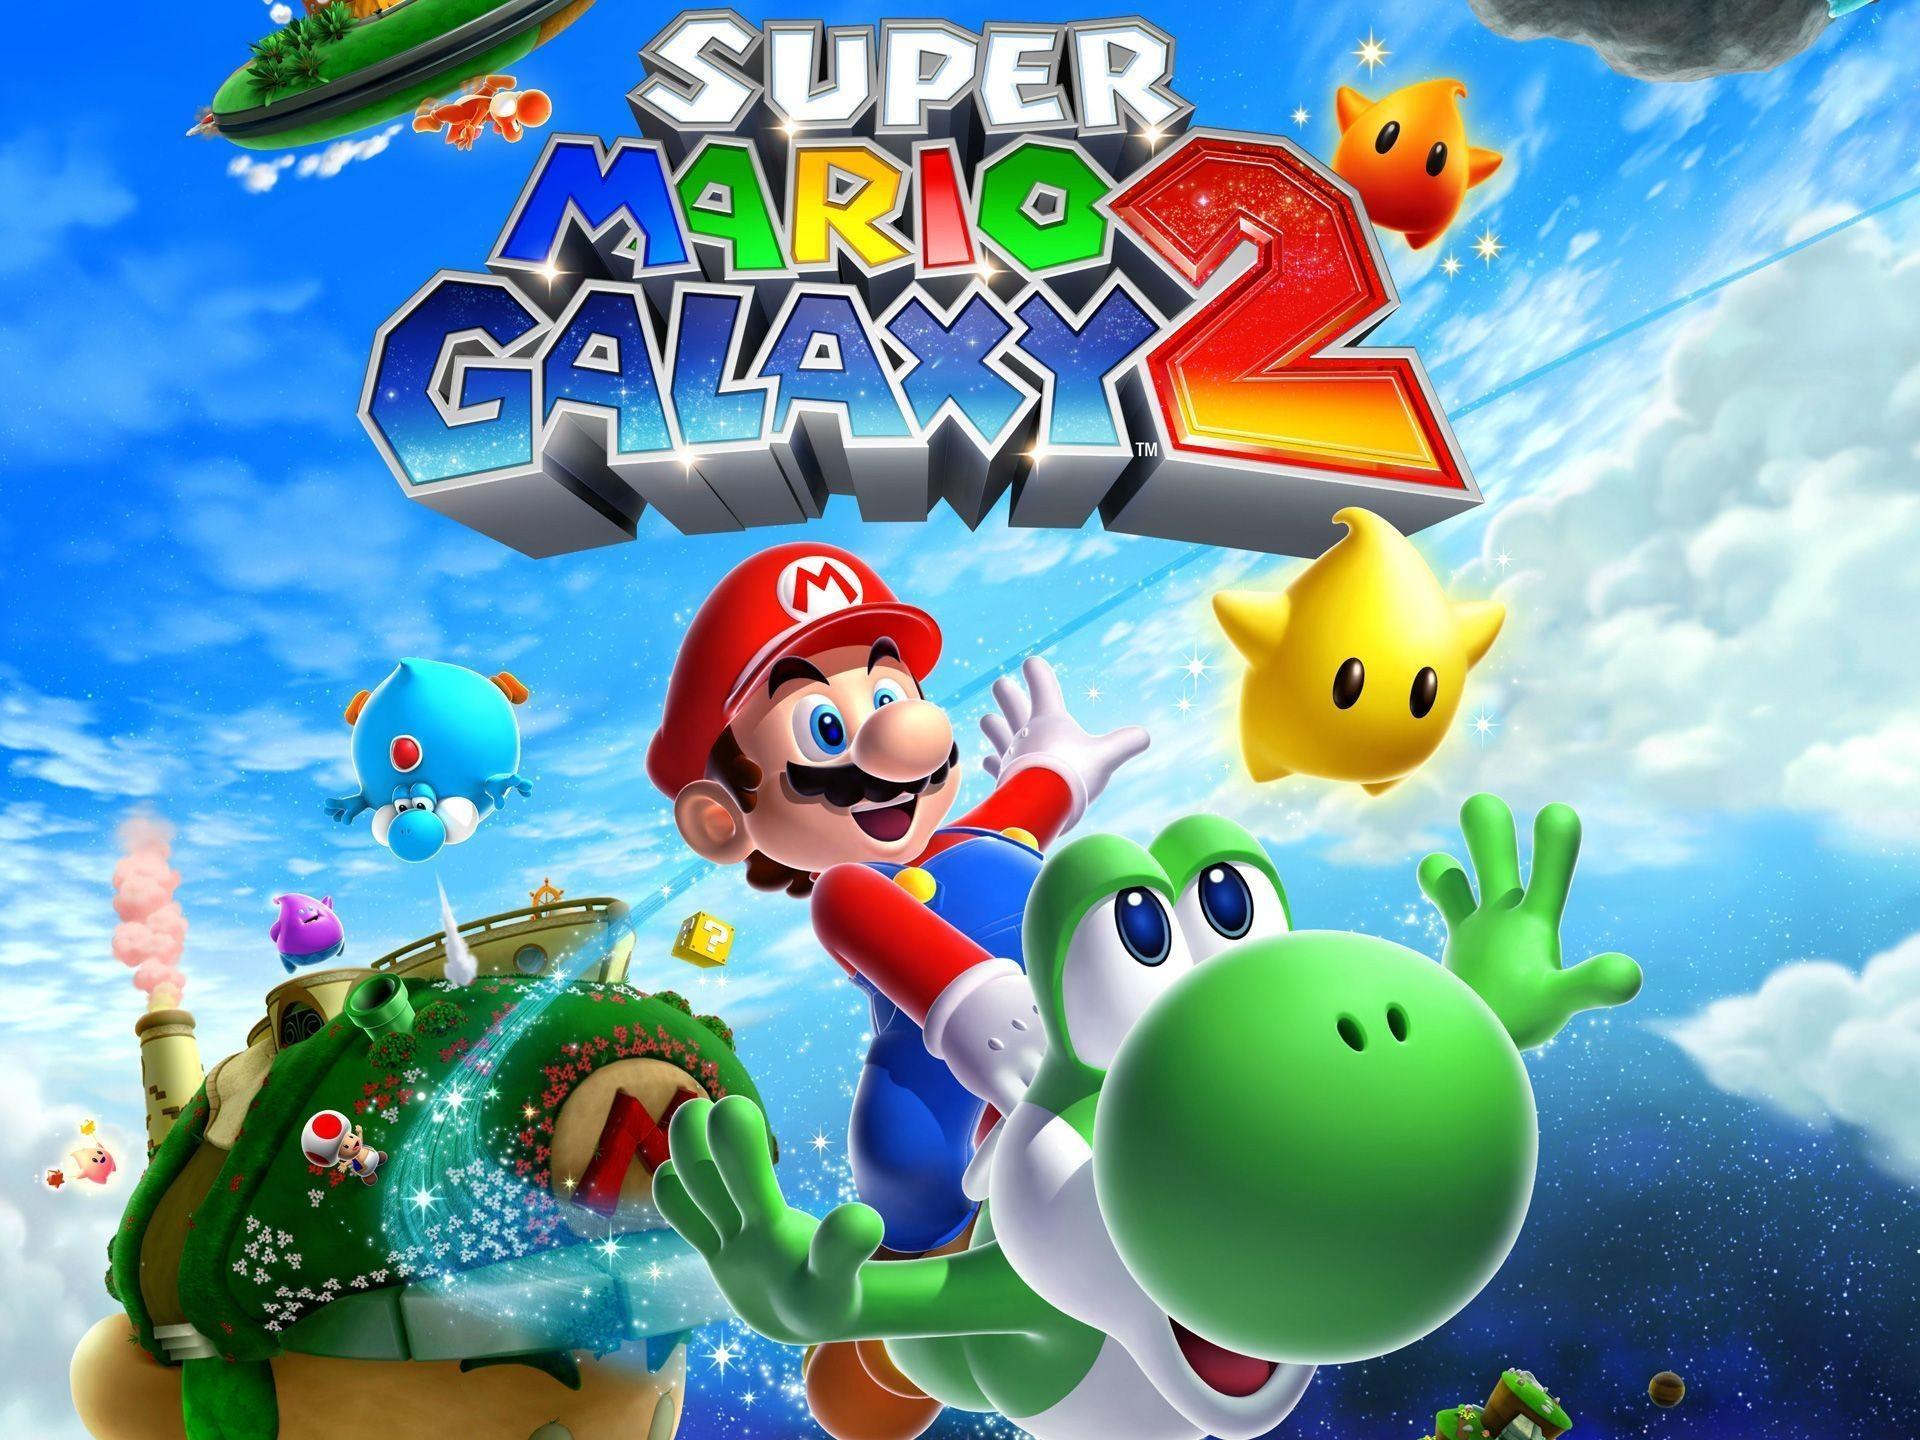 Super Mario Galaxy 2 Wallpapers